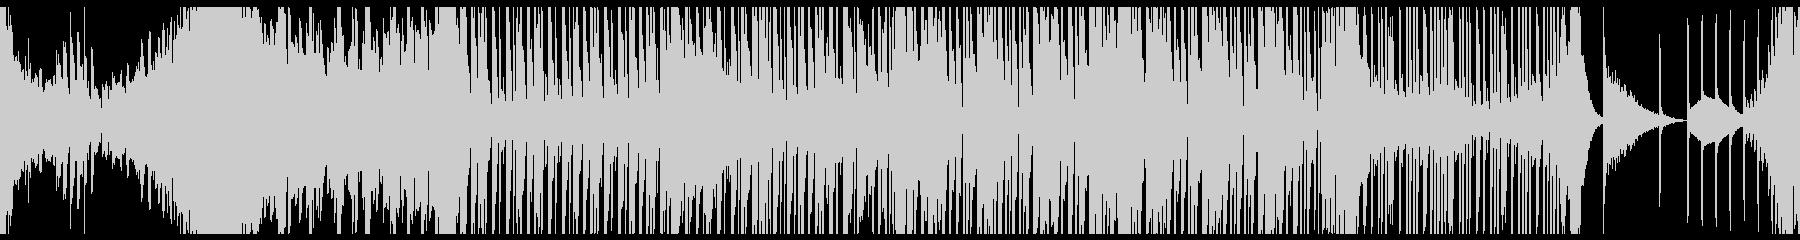 トランス、EDM系のBGMループ音楽の未再生の波形